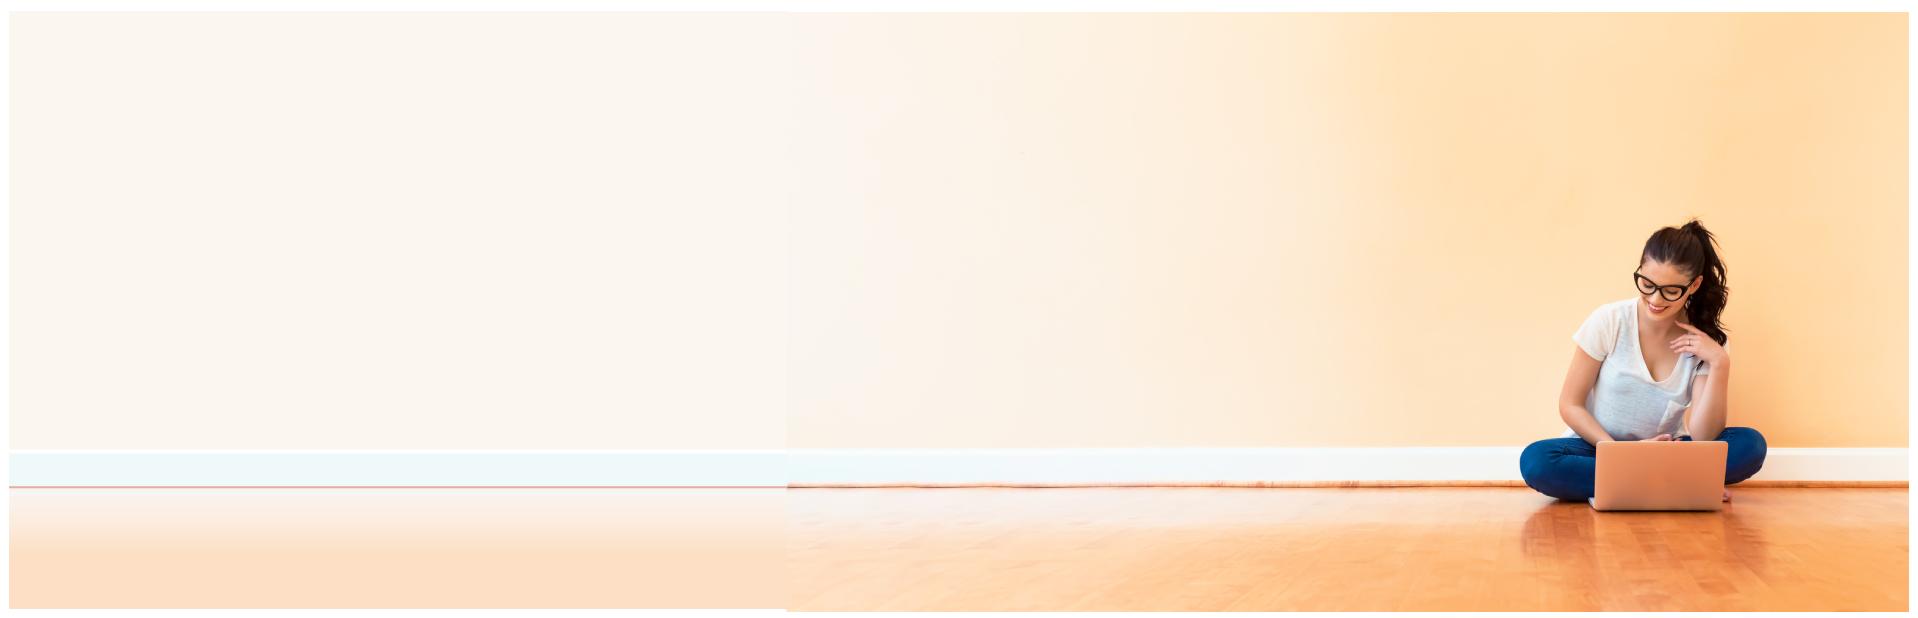 556e-designトップページコンタクト画像